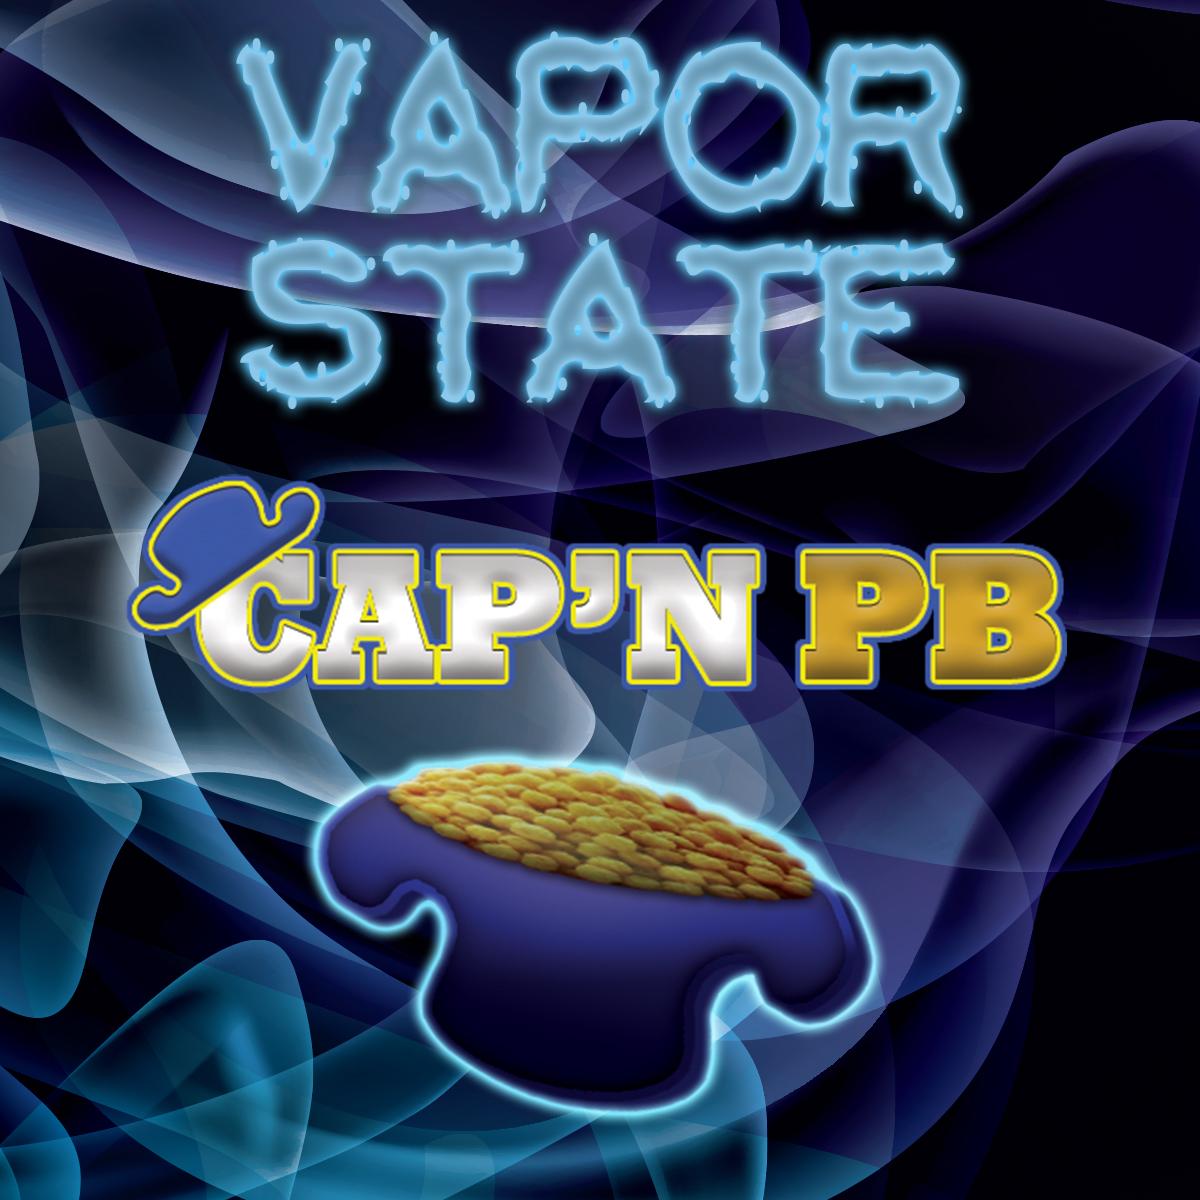 Capn-PB.jpg